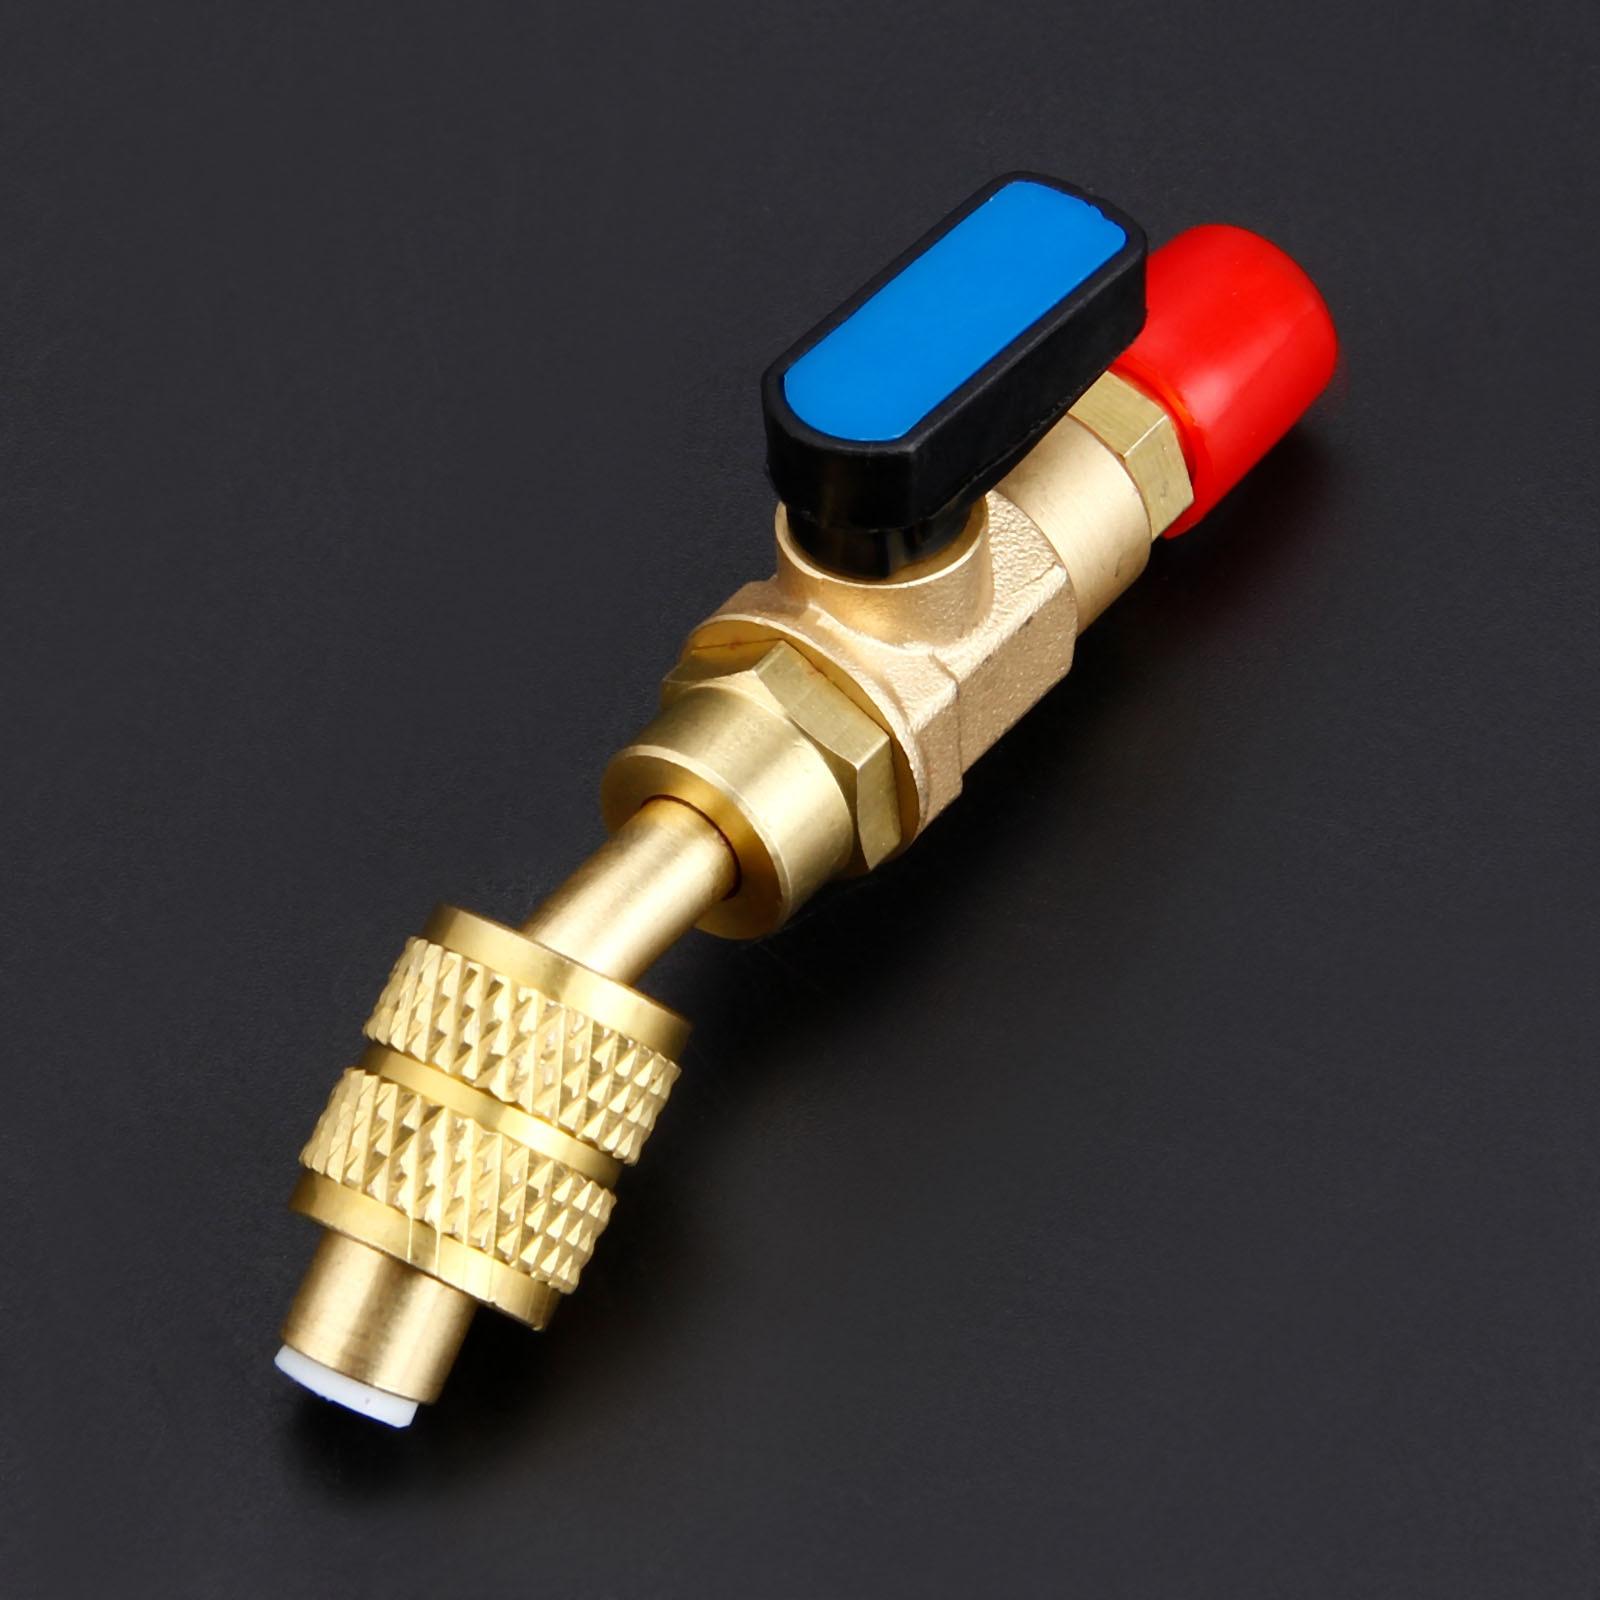 """Válvula de cierre Manual en ángulo R22 R12, adaptador SAE macho y hembra de 1/4 """"con válvula de bola para carga de mangueras, funcionamiento de refrigerante, 1 unidad"""